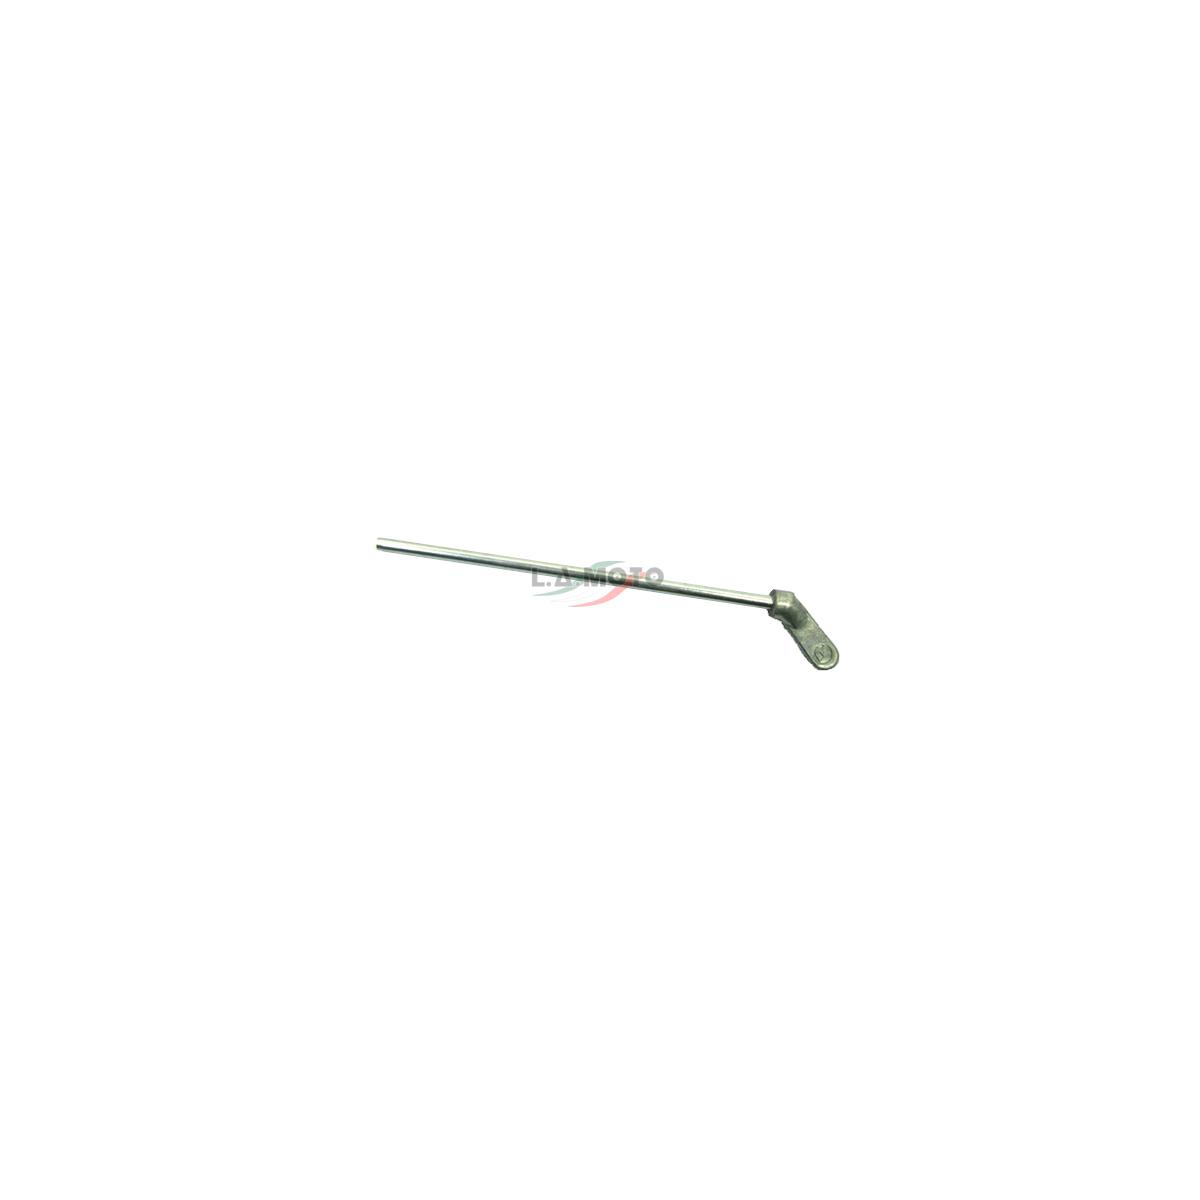 ASTA RUBINETTO BENZINA IN ALLUMINIO LUNGA 170mm PER VESPA PK S N XL FL FL2 PX PE